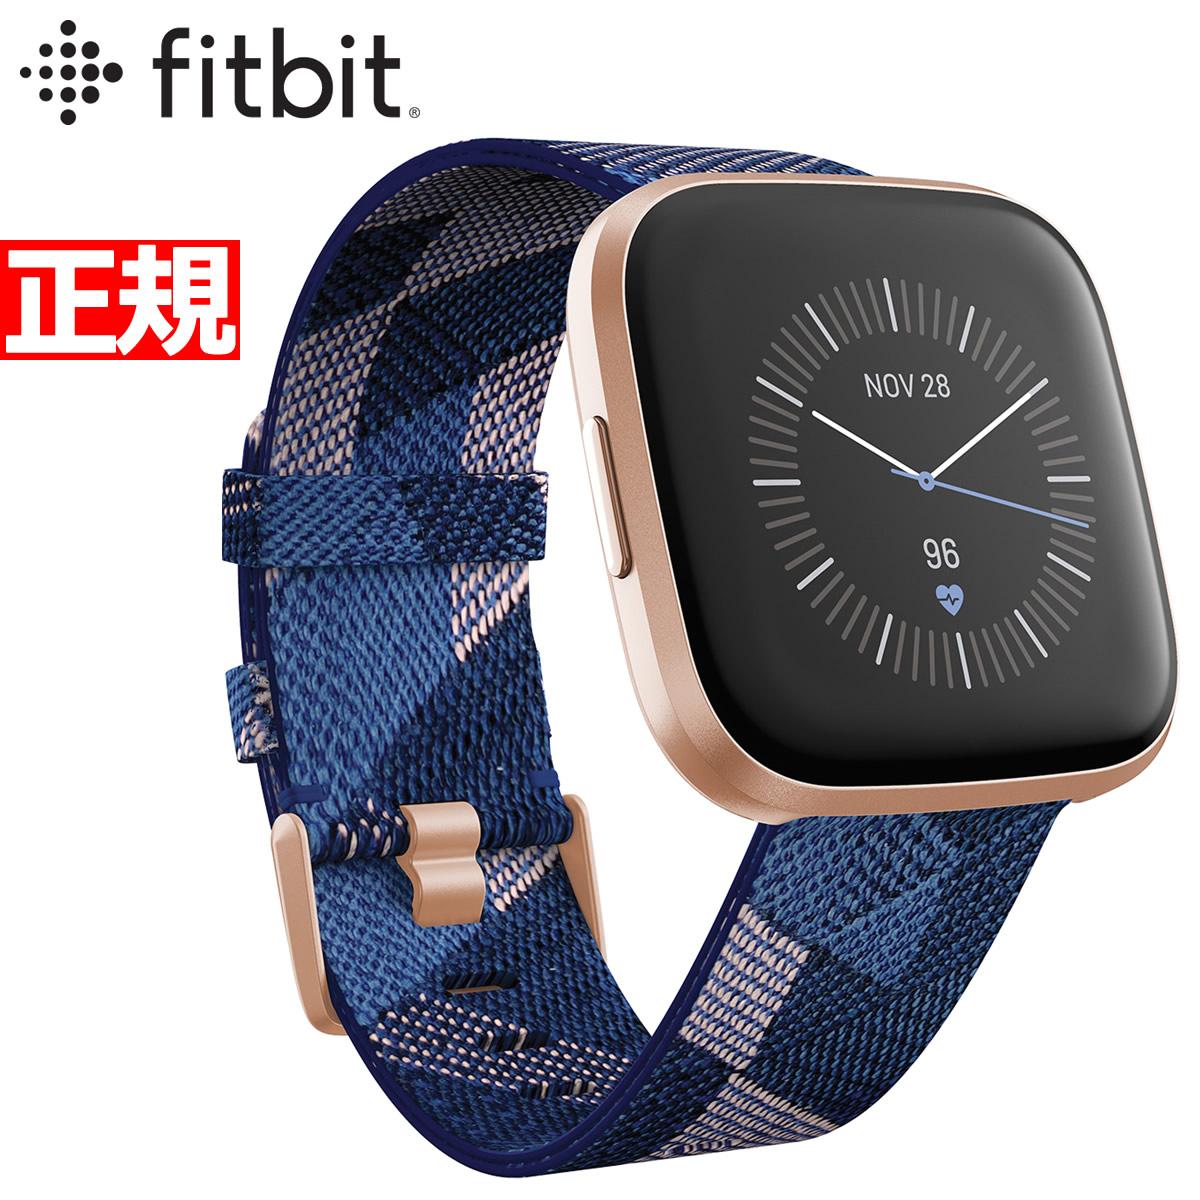 【5日0時~♪2000円OFFクーポン&店内ポイント最大51倍!5日23時59分まで】Fitbit フィットビット ヴァーサ2 フィットネス スマートウォッチ ウェアラブル端末 腕時計 ネイビー&ピンクウーブン/カッパーローズアルミニウム FB507RGNV-FRCJK